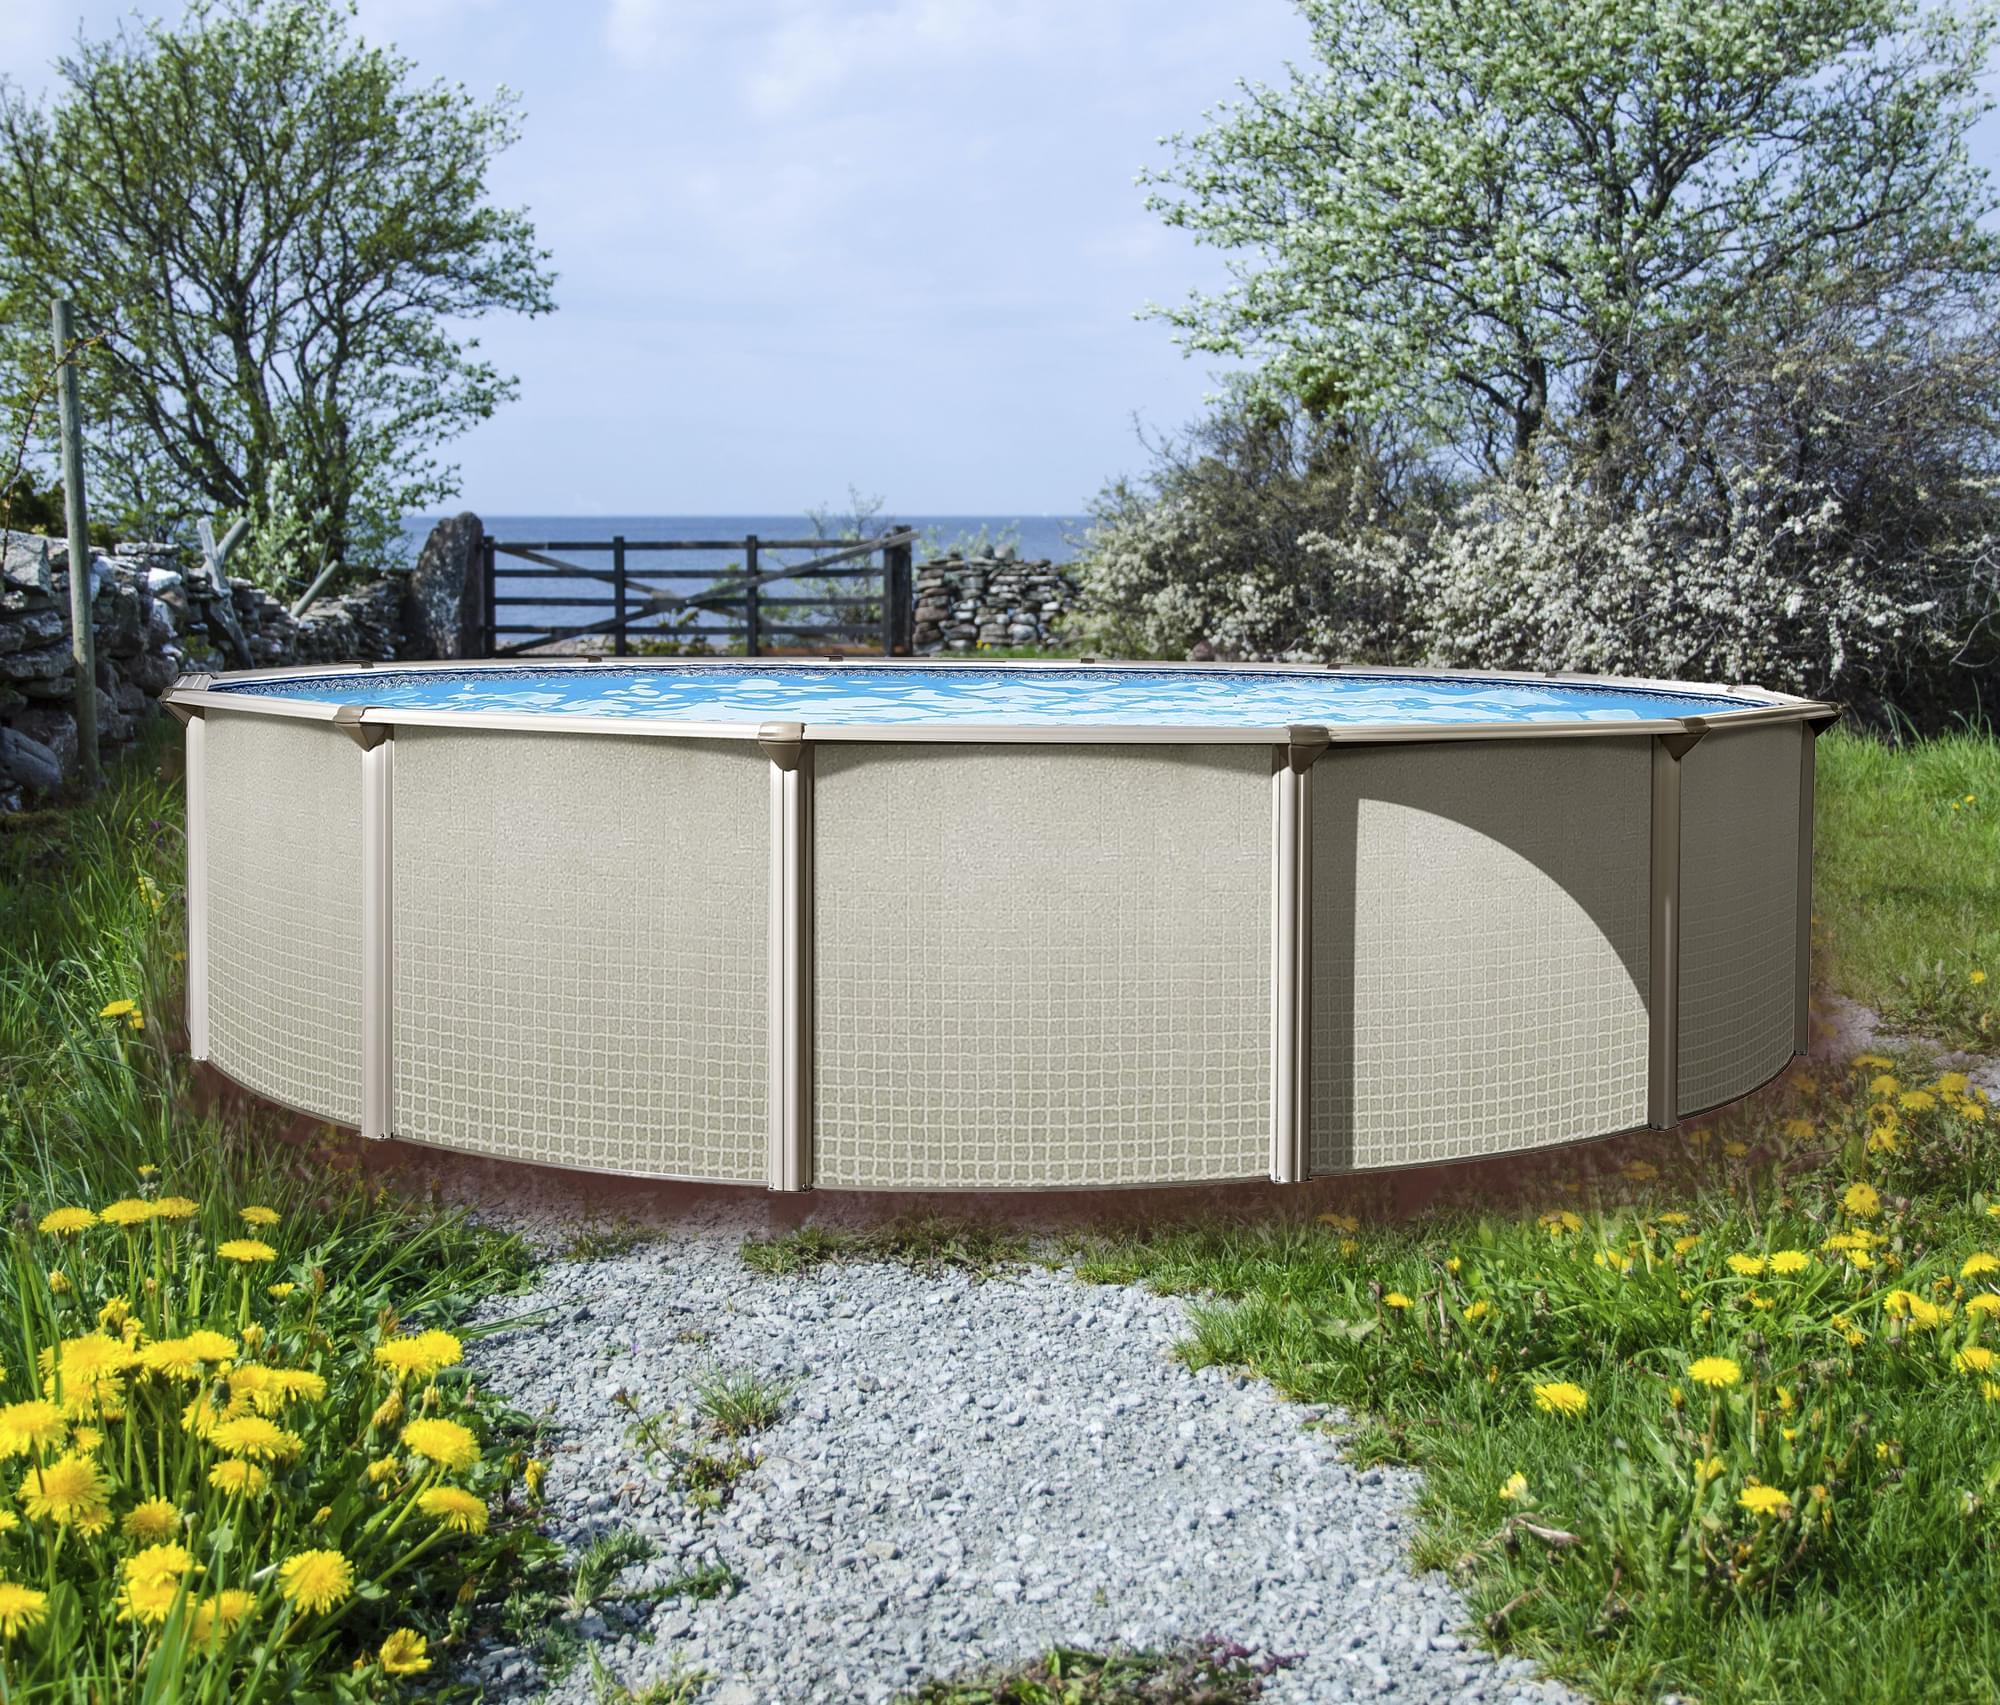 Evolution 21 pied ronde piscine hors magasin de piscine for Chauffe eau solaire pour piscine hors terre